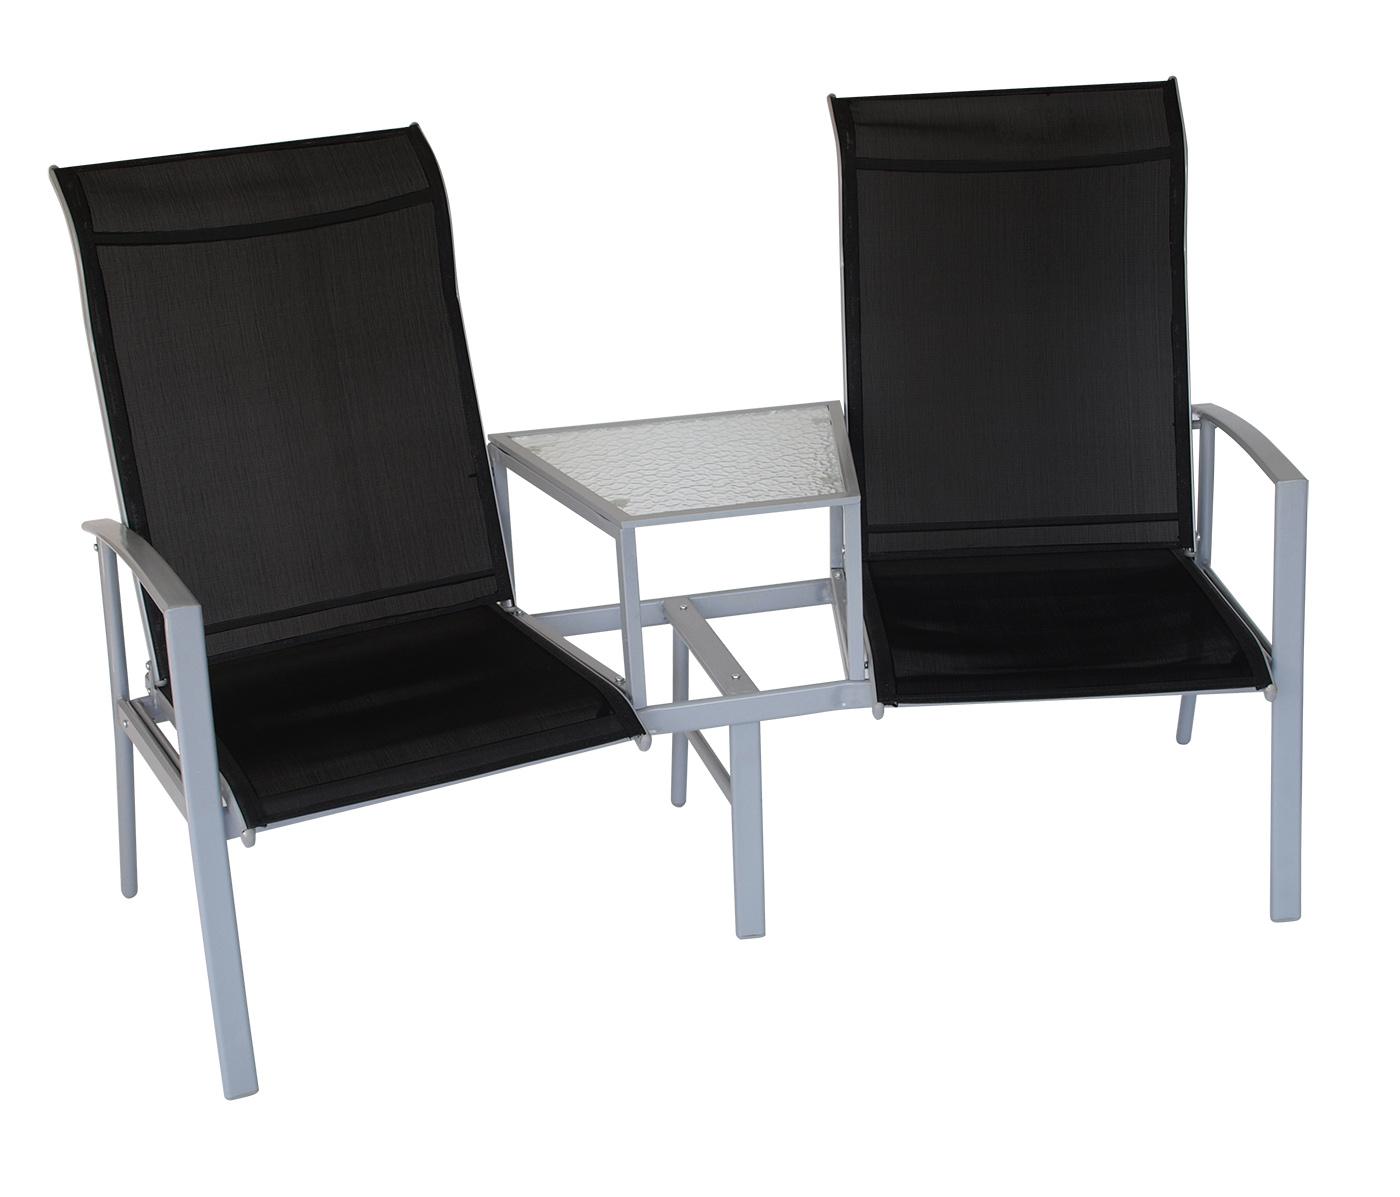 Doppelbank Meran mit Tisch 2-Sitzer Garten Terrasse Balkon Möbel   eBay